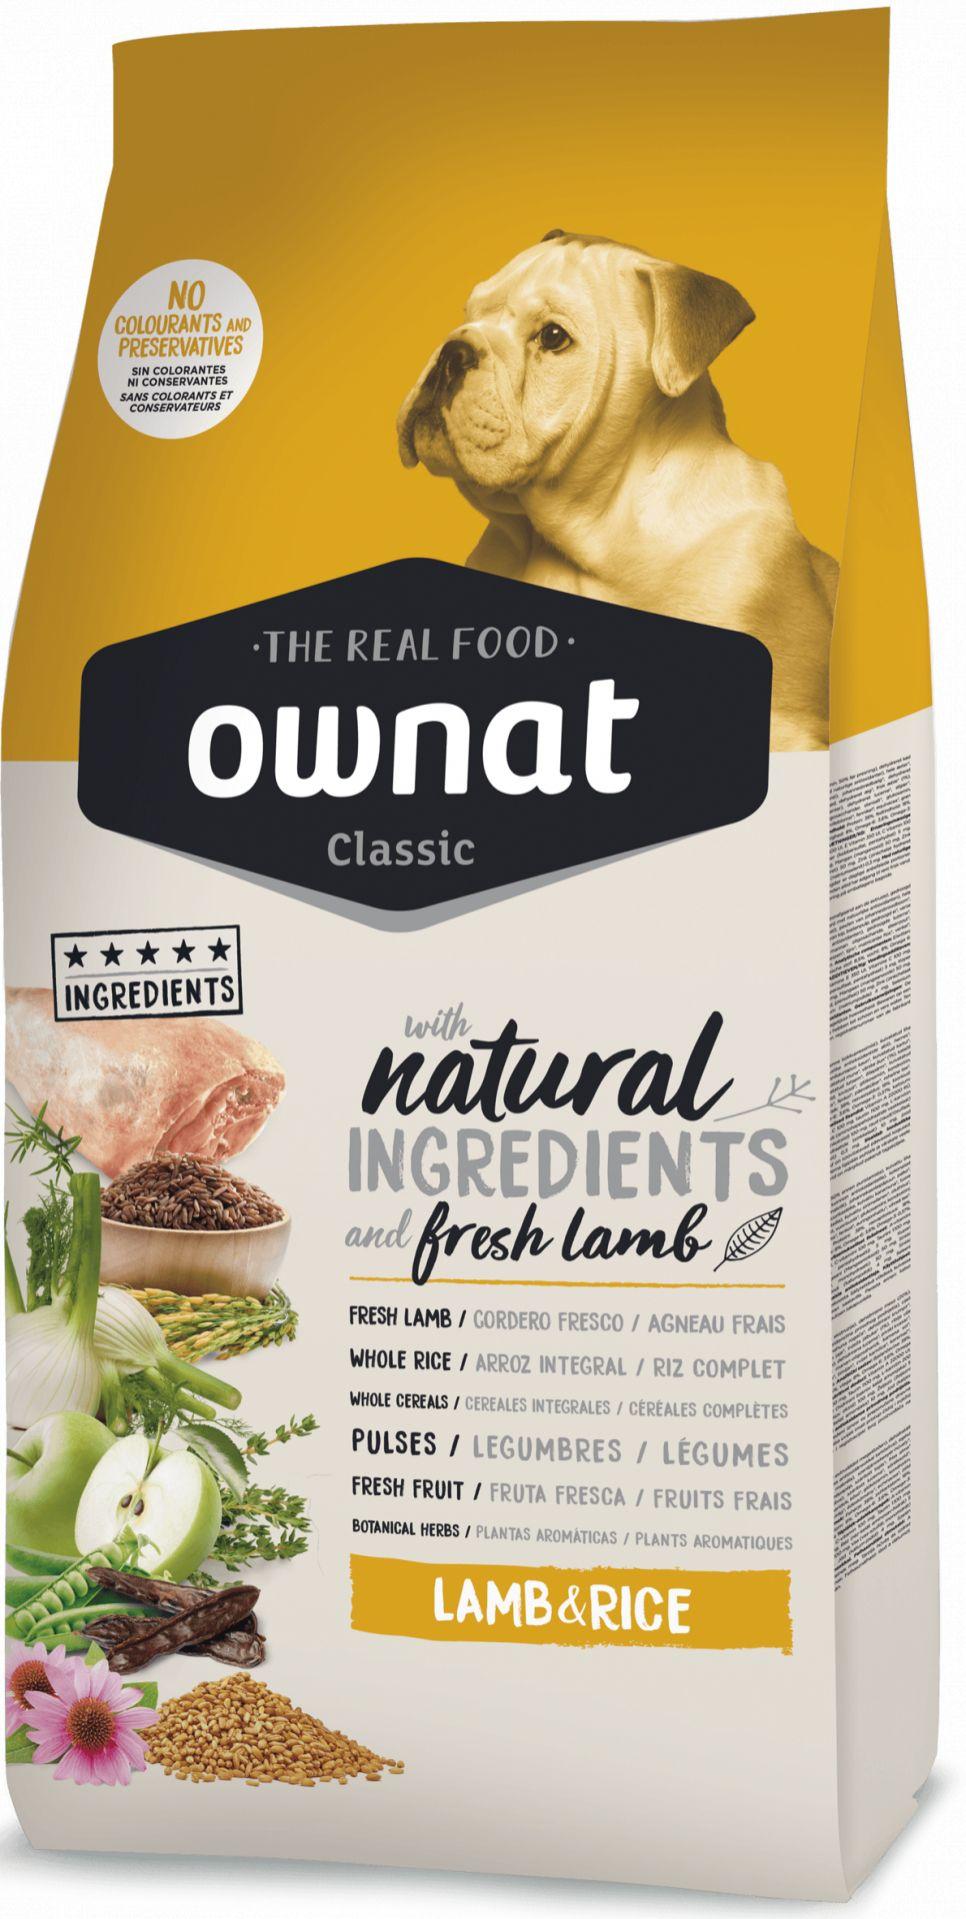 Ownat Classic Lam&Rice